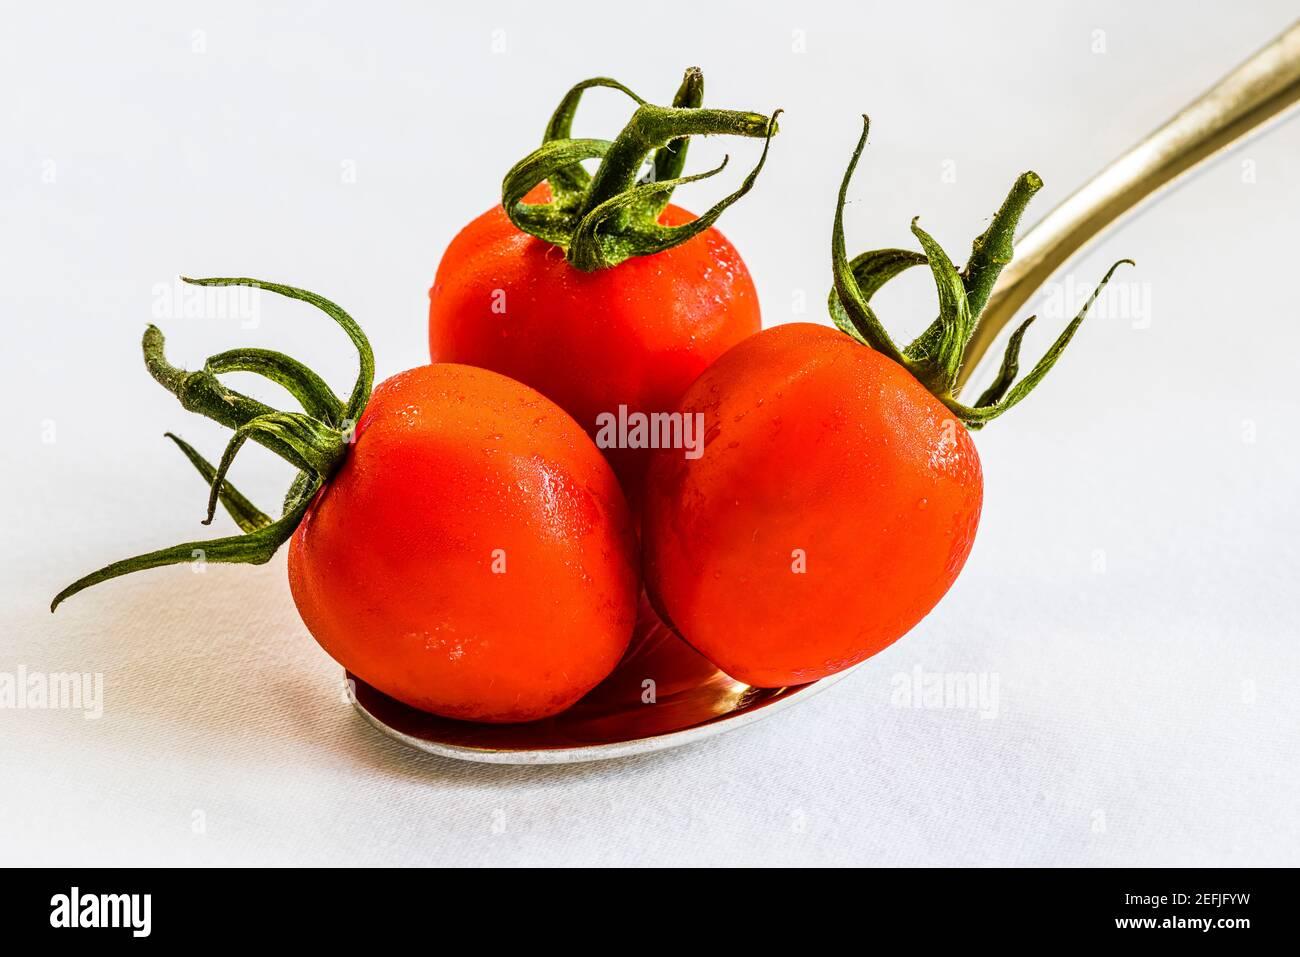 Primer plano de tres tomates rojos en una cuchara sobre un mantel blanco, Londres, Reino Unido Foto de stock